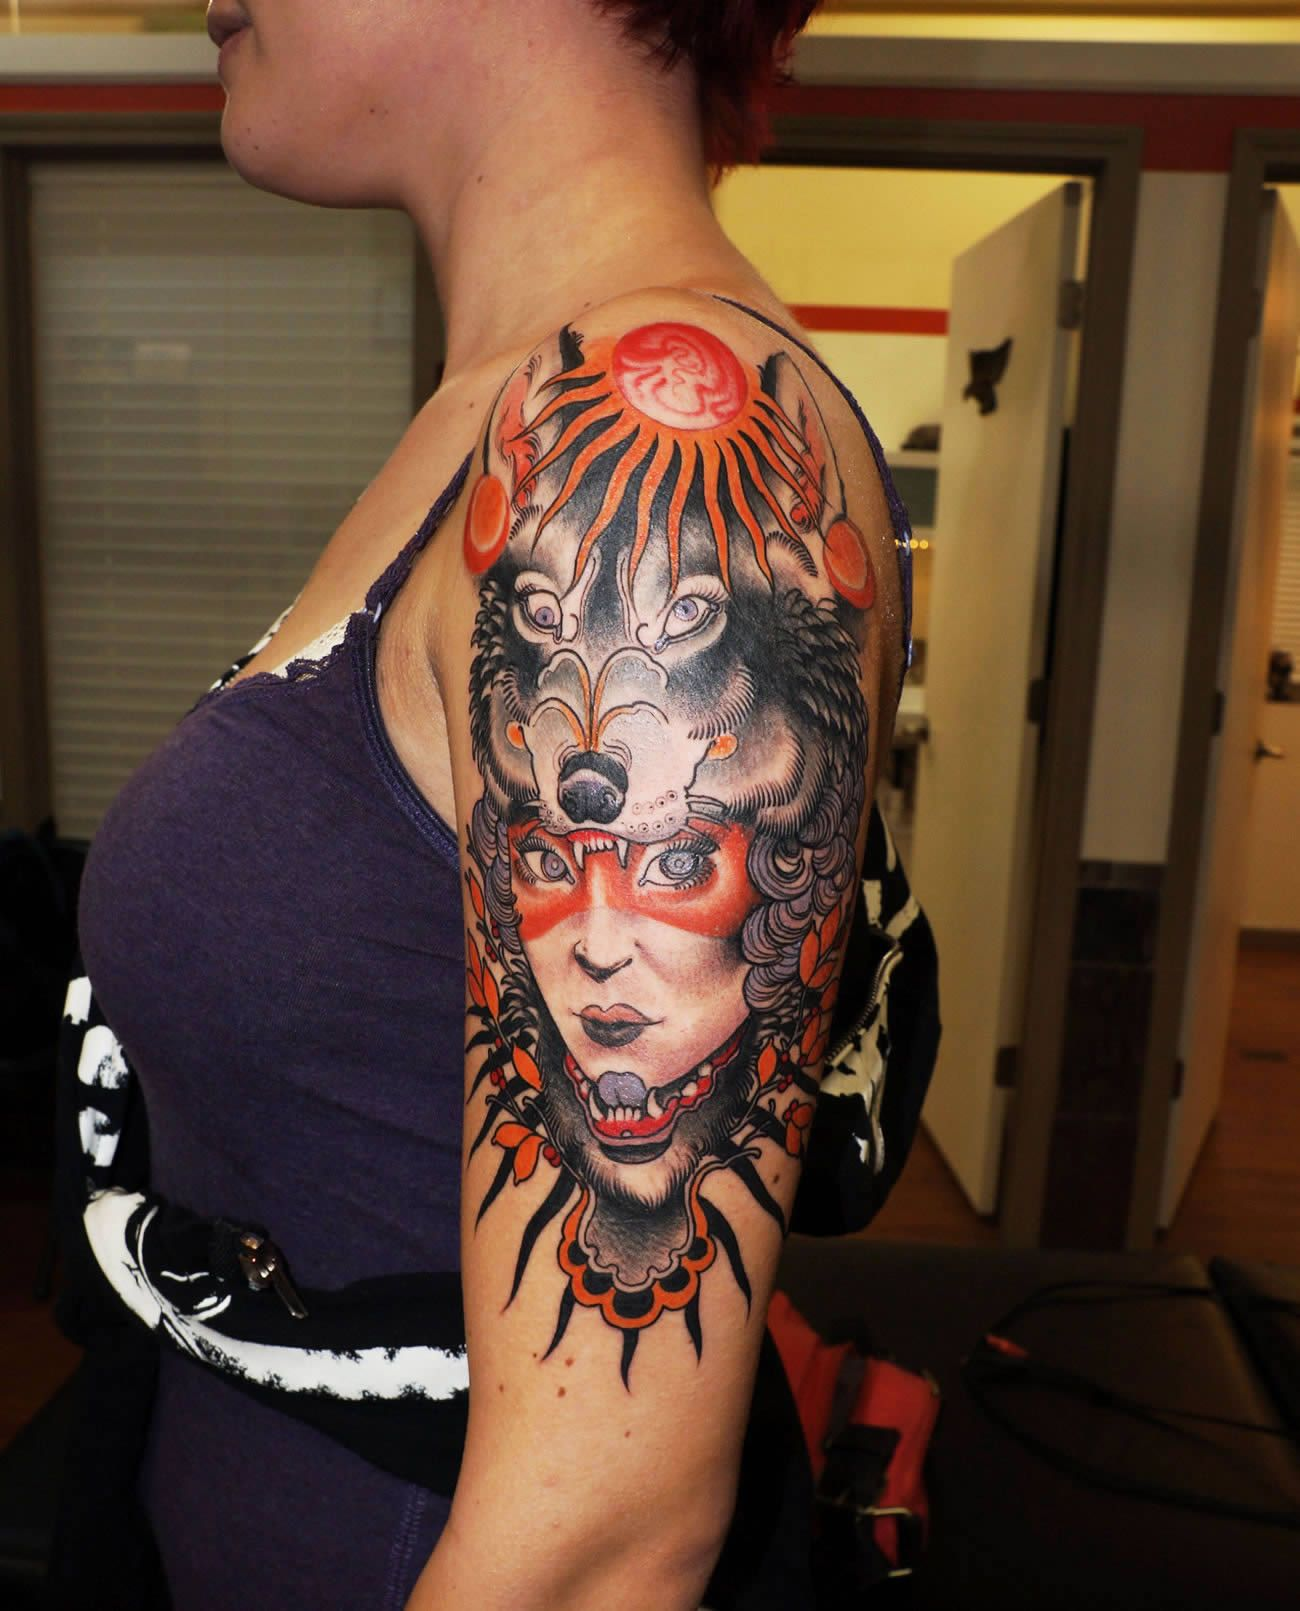 Color Tattoo By Matt From Black Sails Tattoo: Gorgeous Illustrative Tattoos